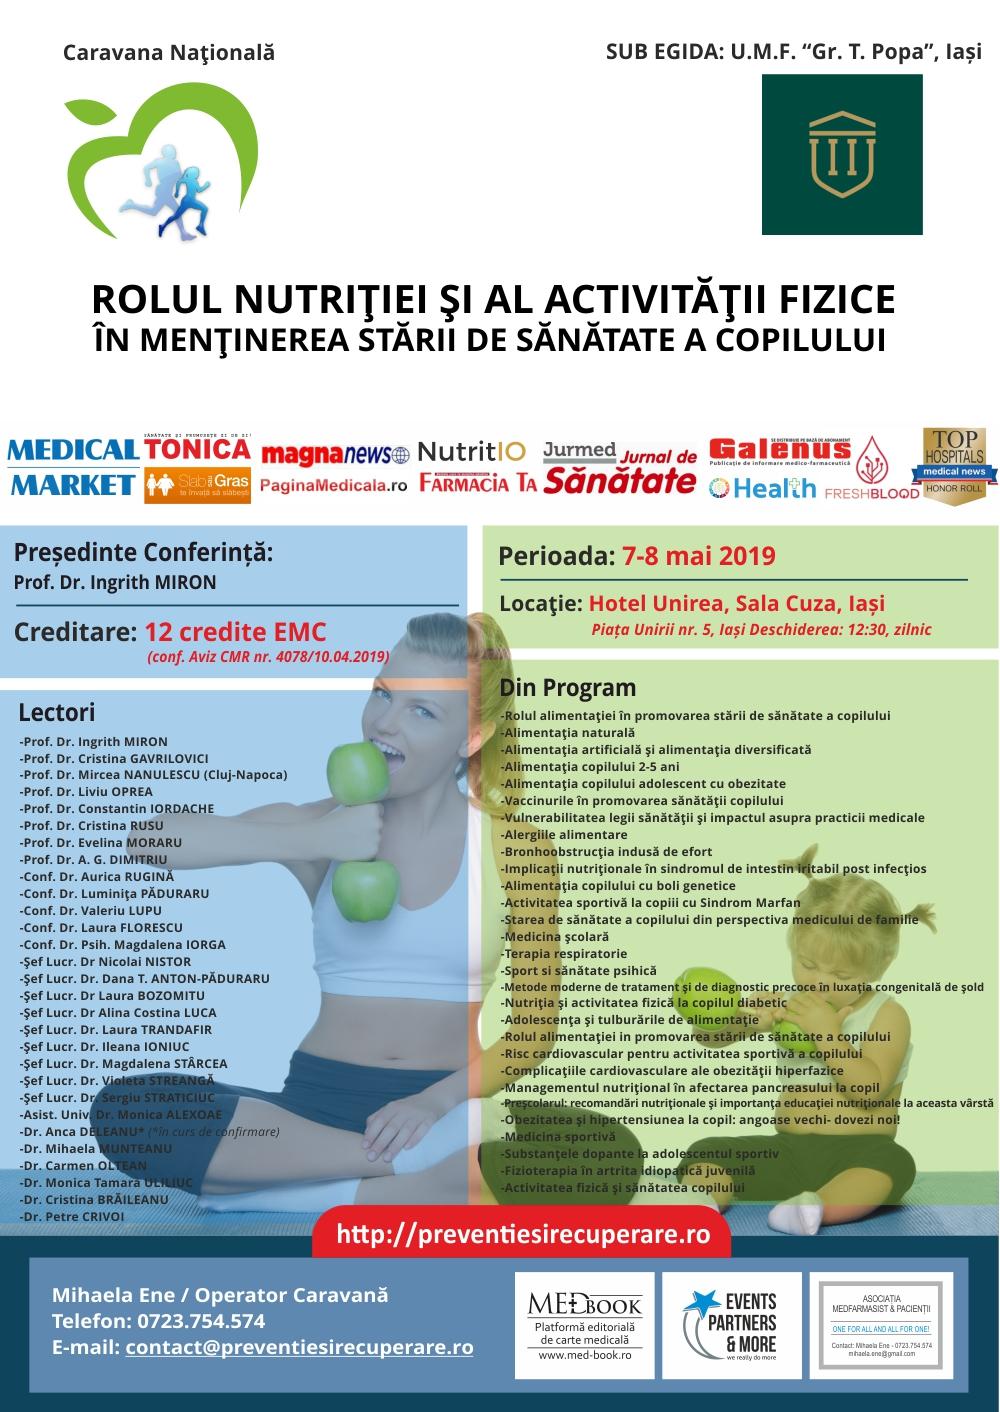 Curs – Rolul nutritiei si al activitatii fizice in mentinerea starii de sanatate a copilului